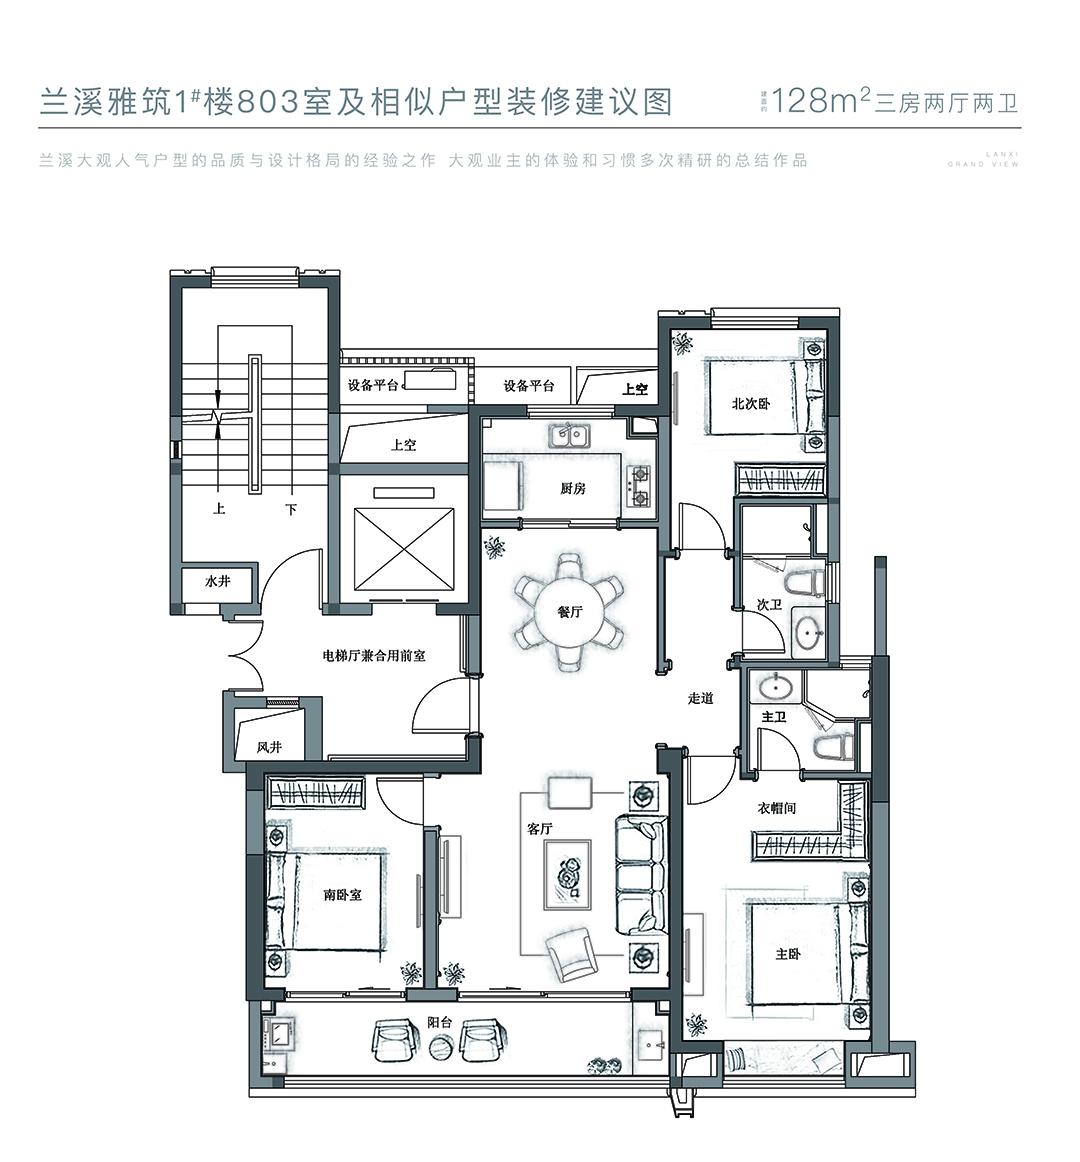 融创兰溪大观二期建筑面积约128㎡(3房2厅2卫)